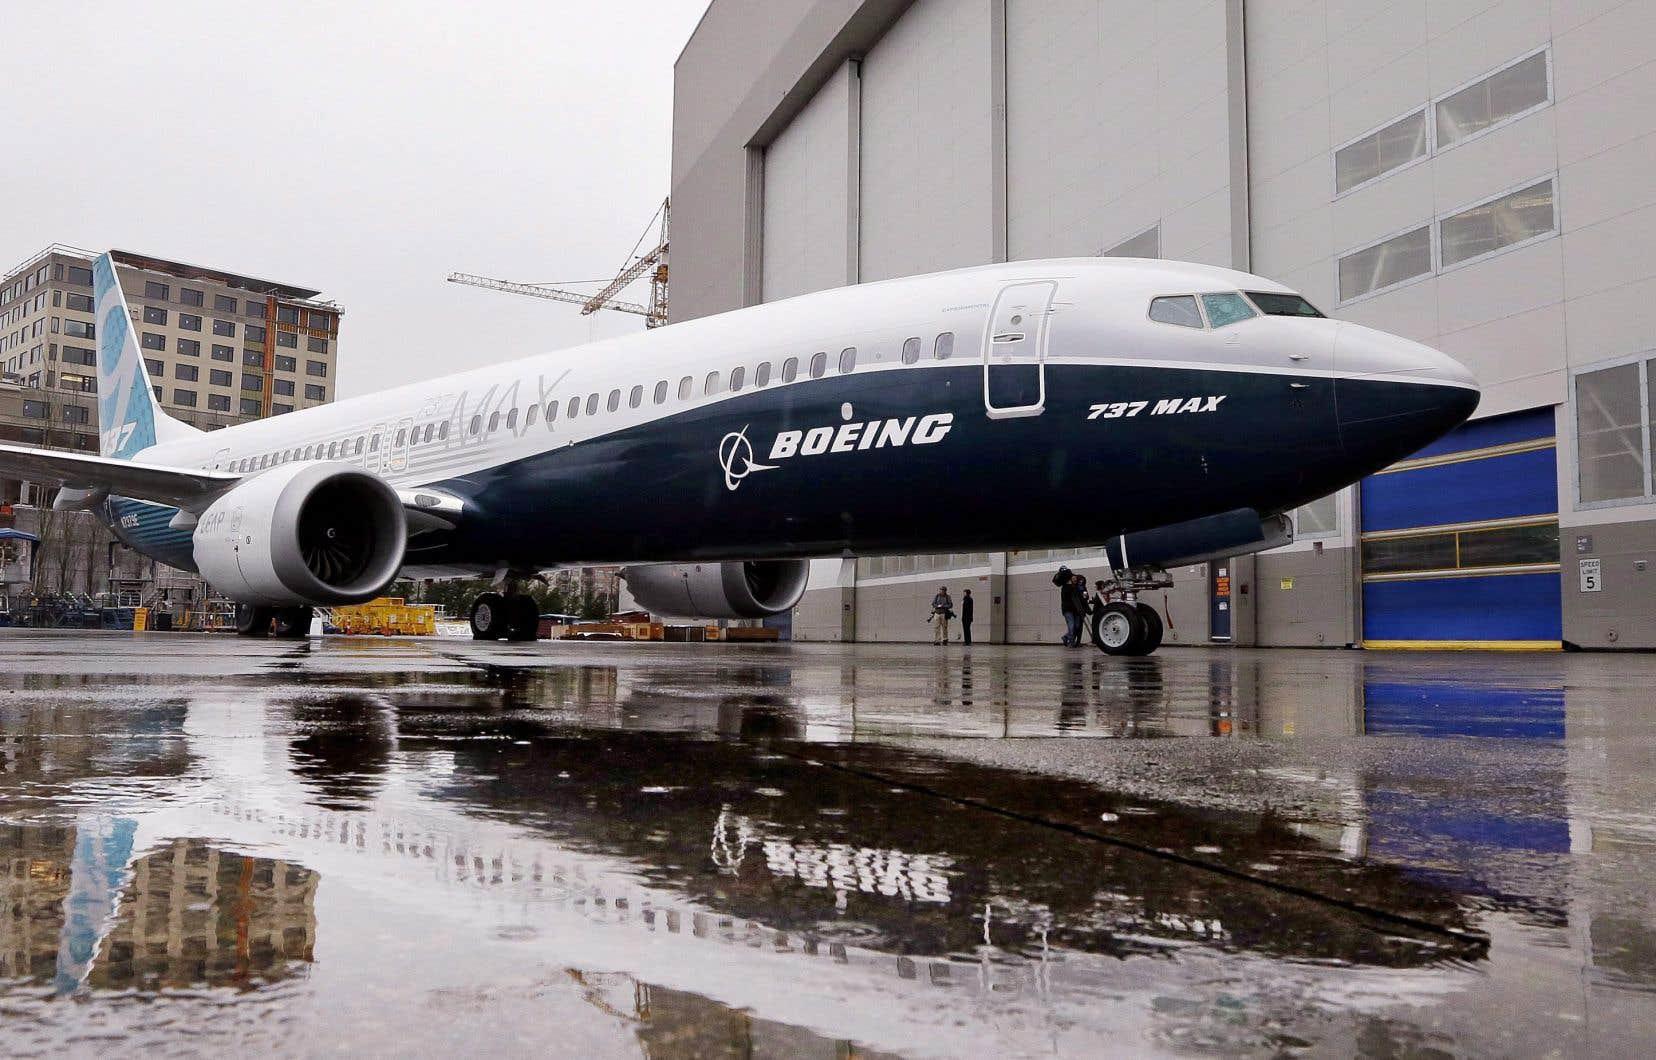 L'avion monocouloir 737 reste l'appareil le plus vendu de Boeing, avec 529 livraisons l'an dernier.